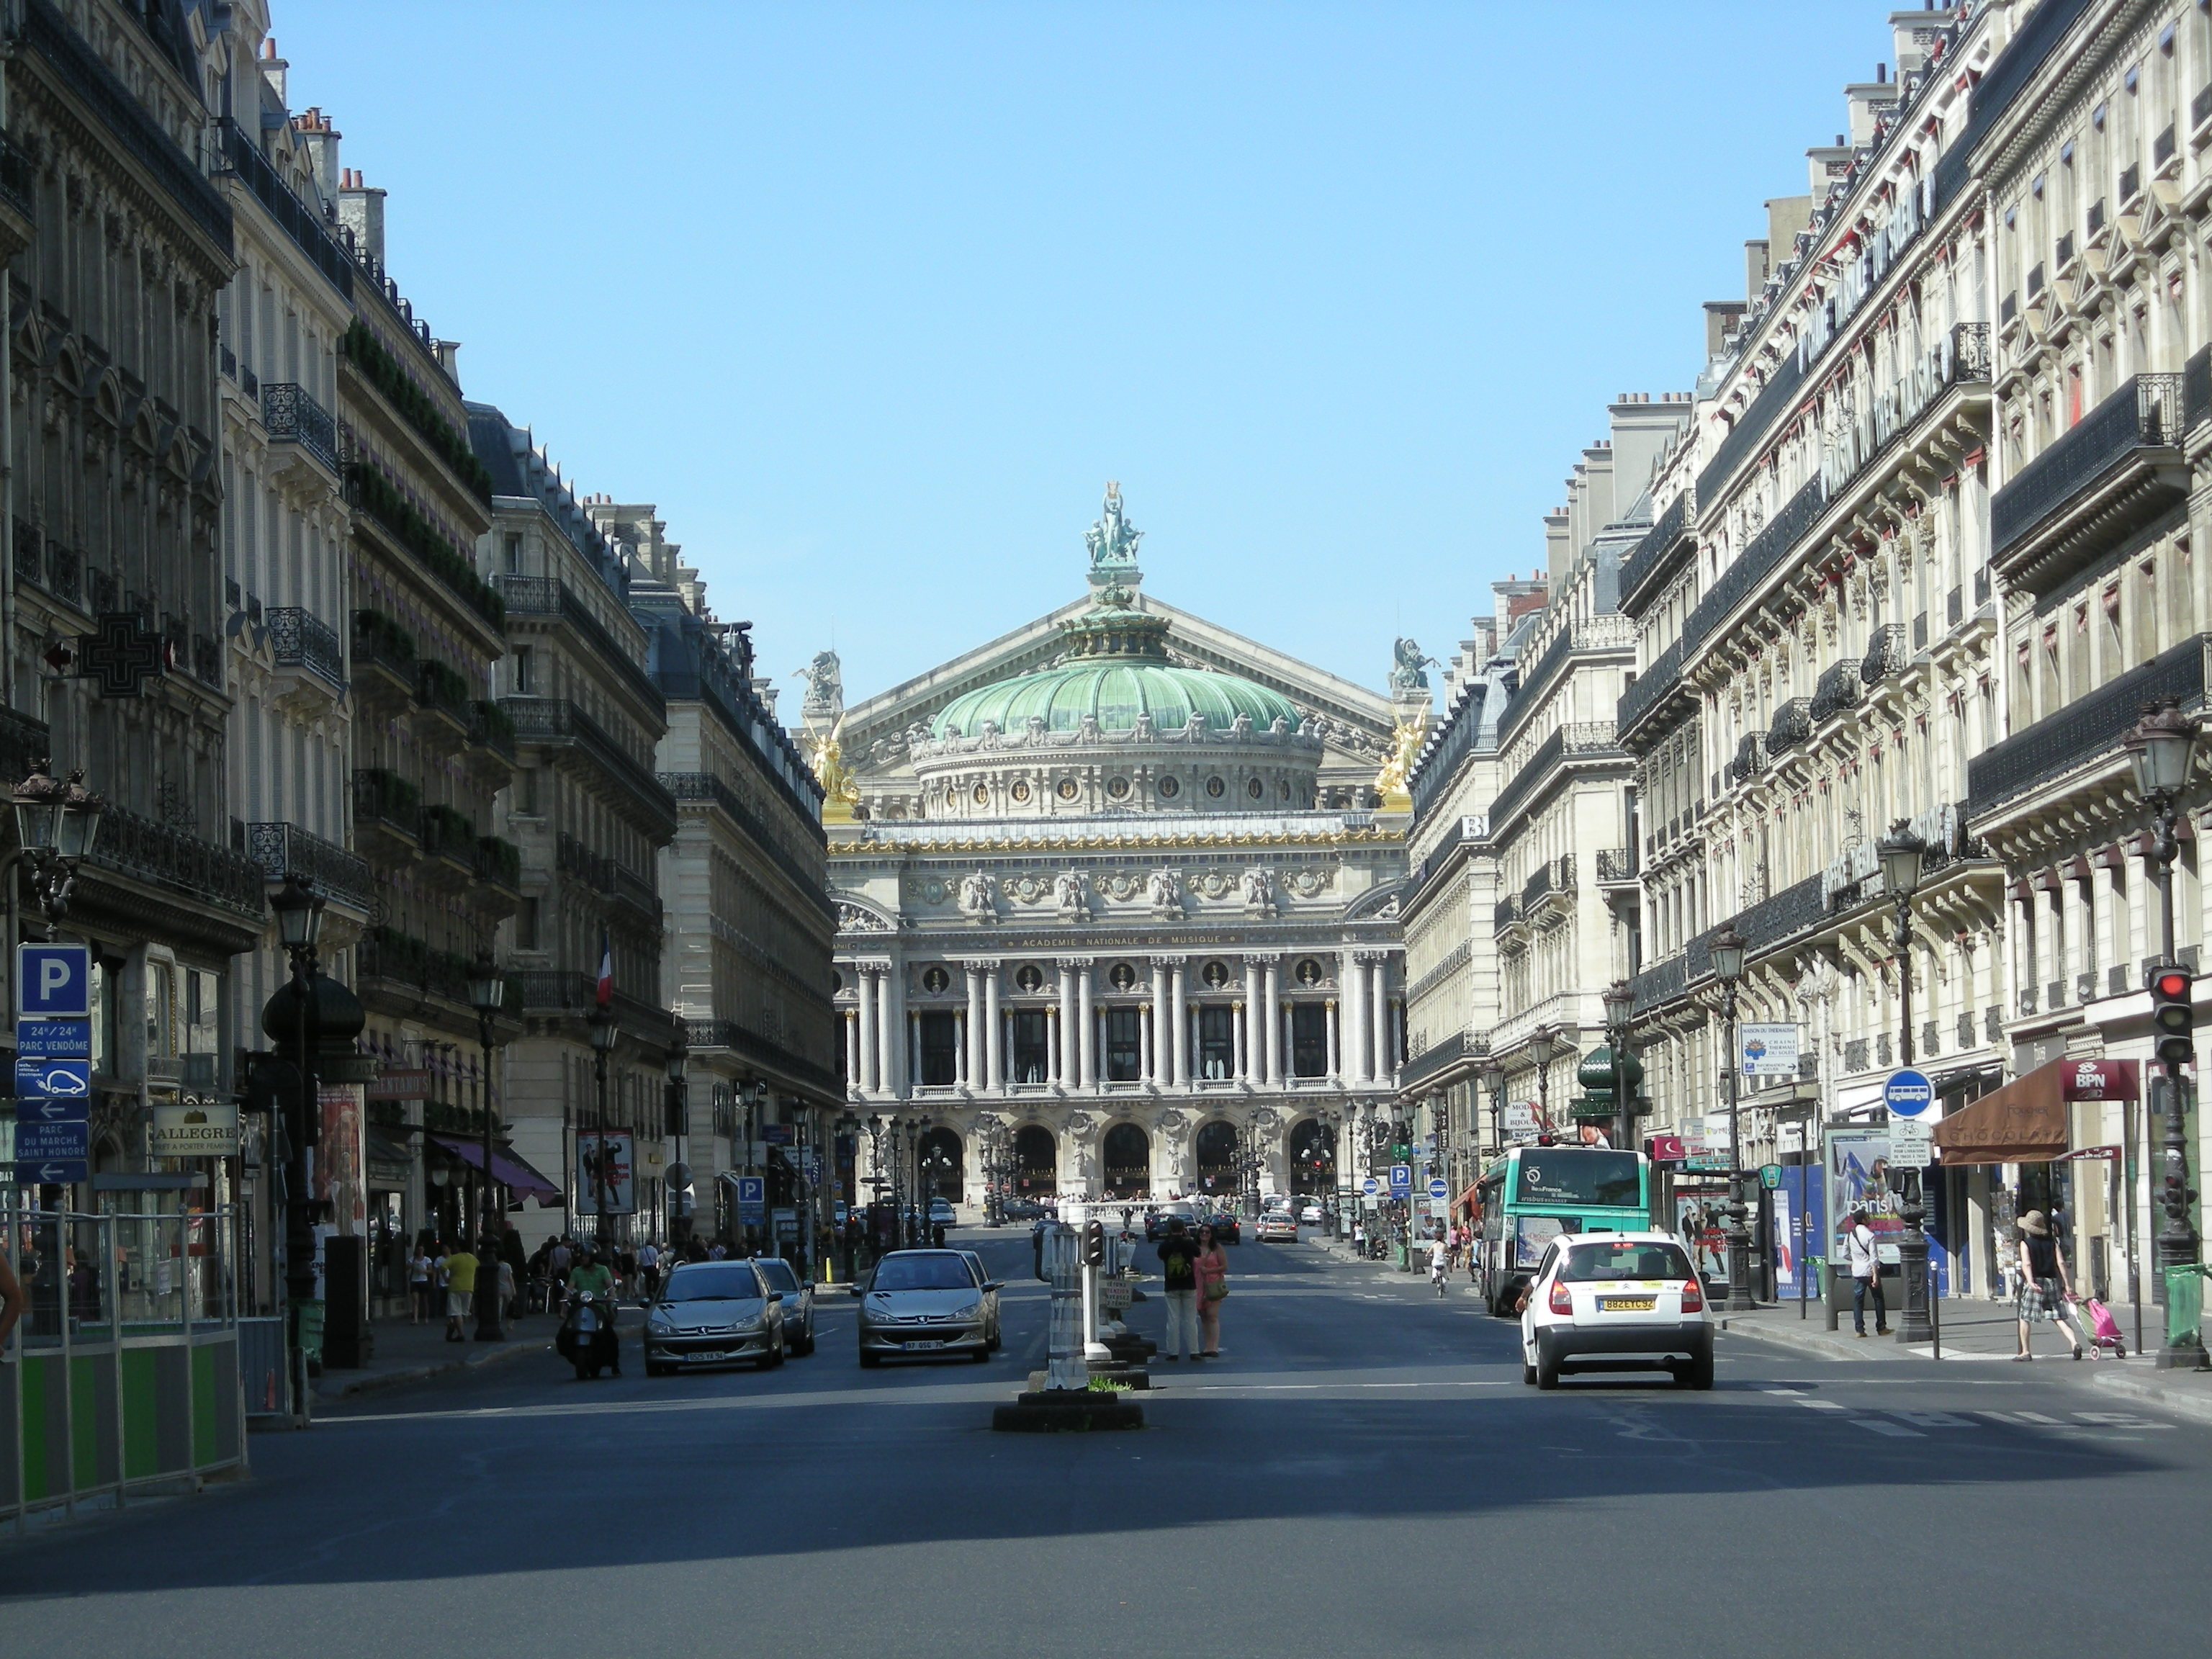 Вид на Гранд Опера с Авеню д'Опера. Источник https://upload.wikimedia.org/